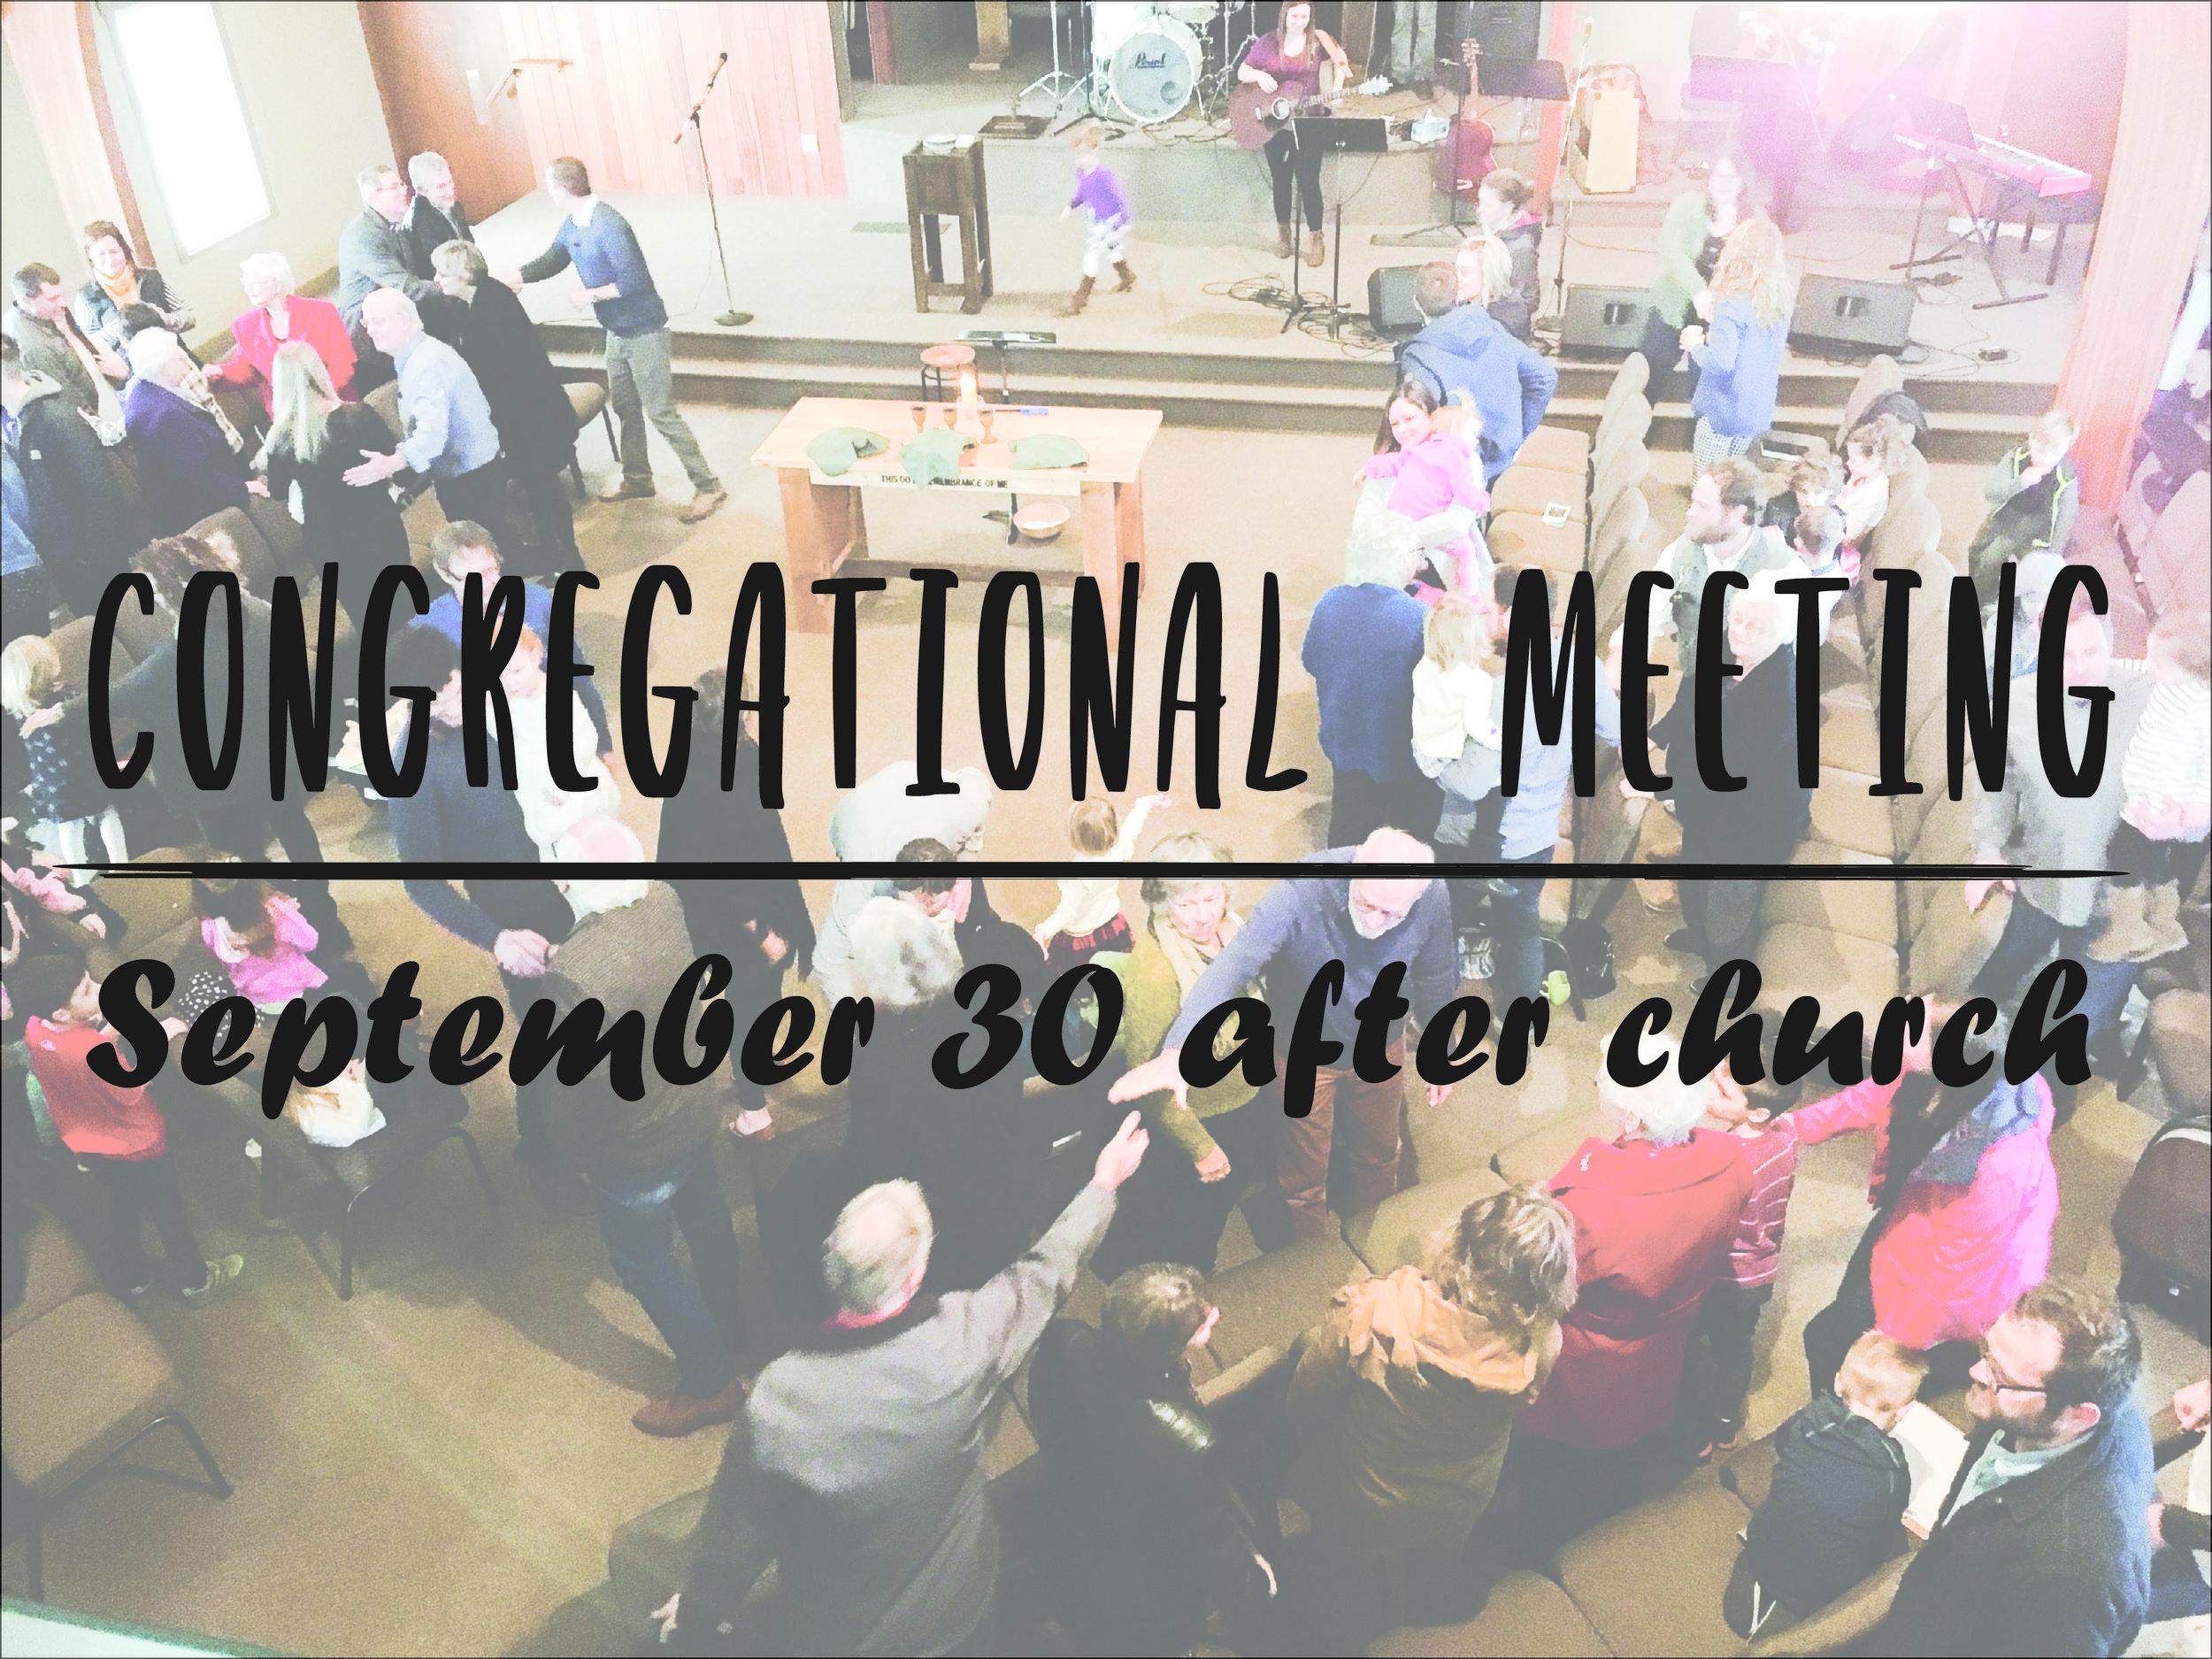 congregational meetingfall-01.jpg